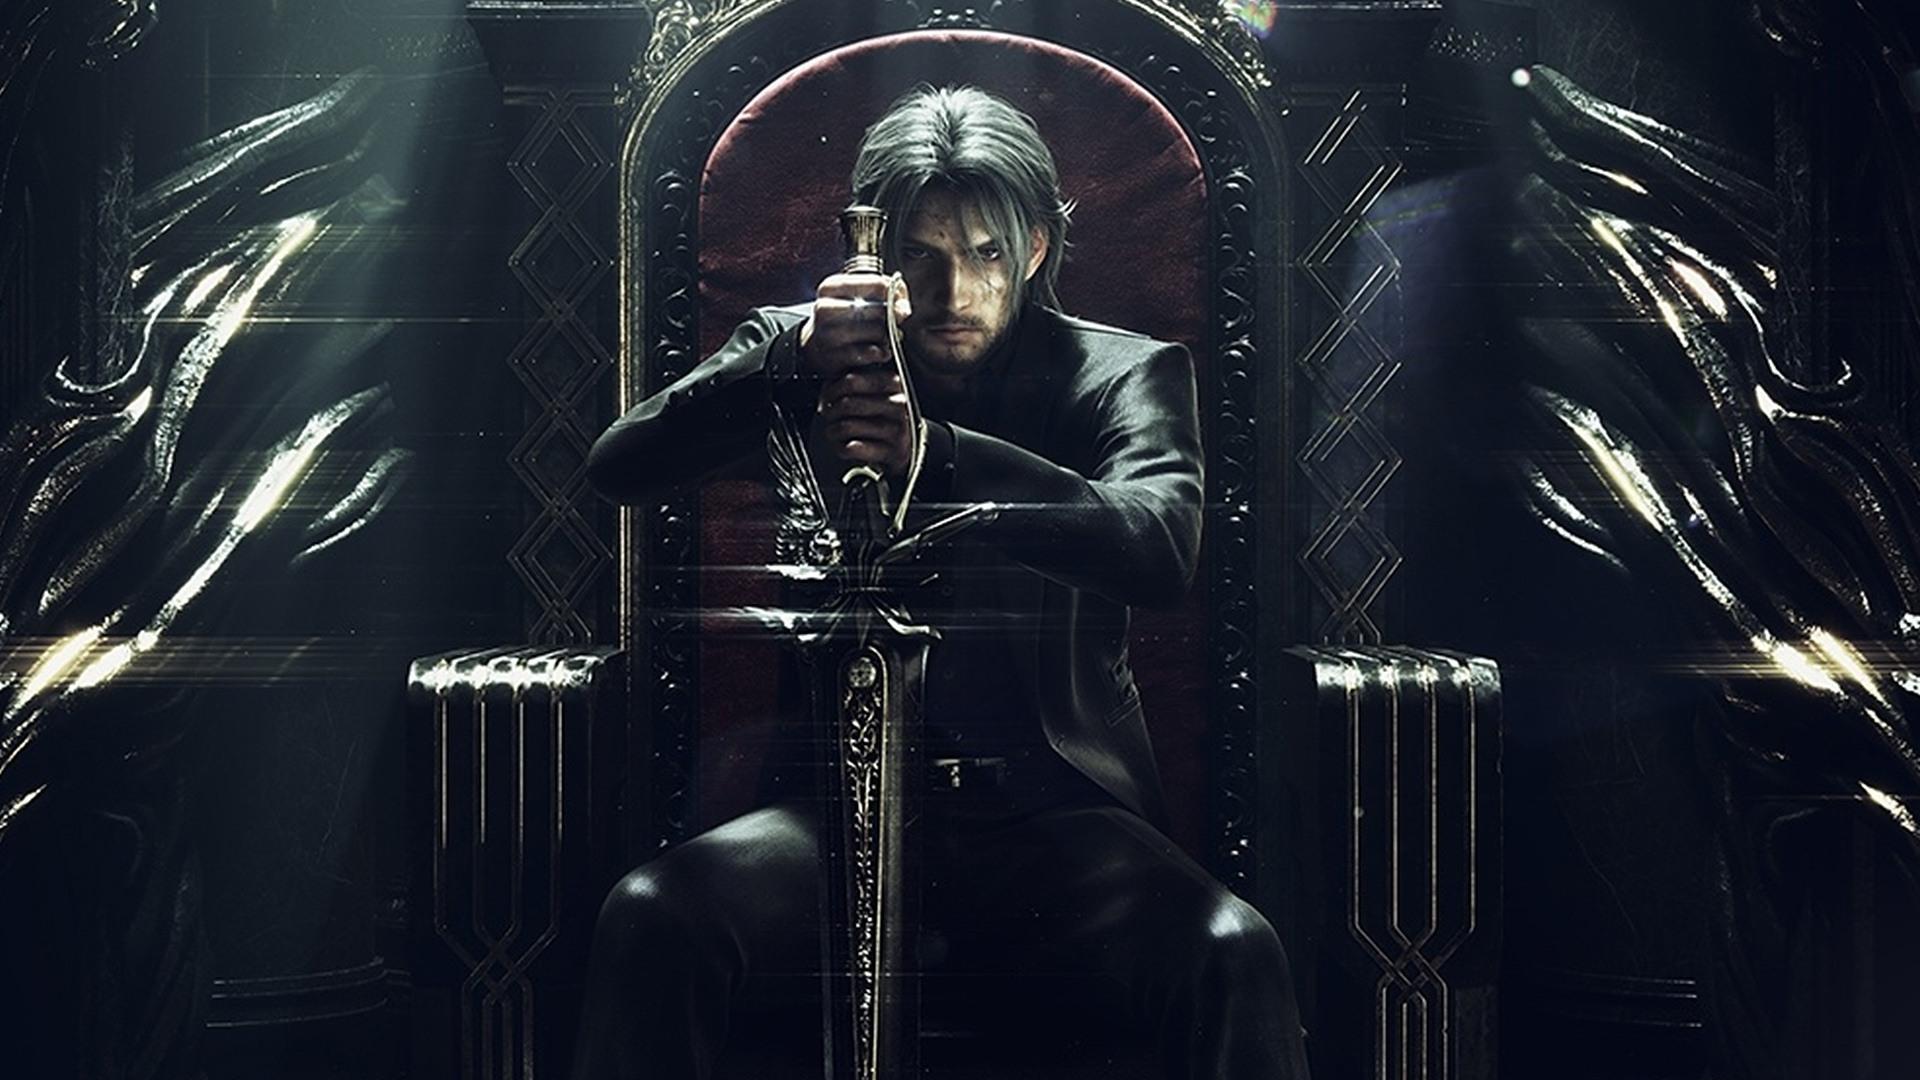 Wallpaper Final Fantasy Xv Royal Edition 2018 Games 12556: Review: Final Fantasy XV Royal Edition